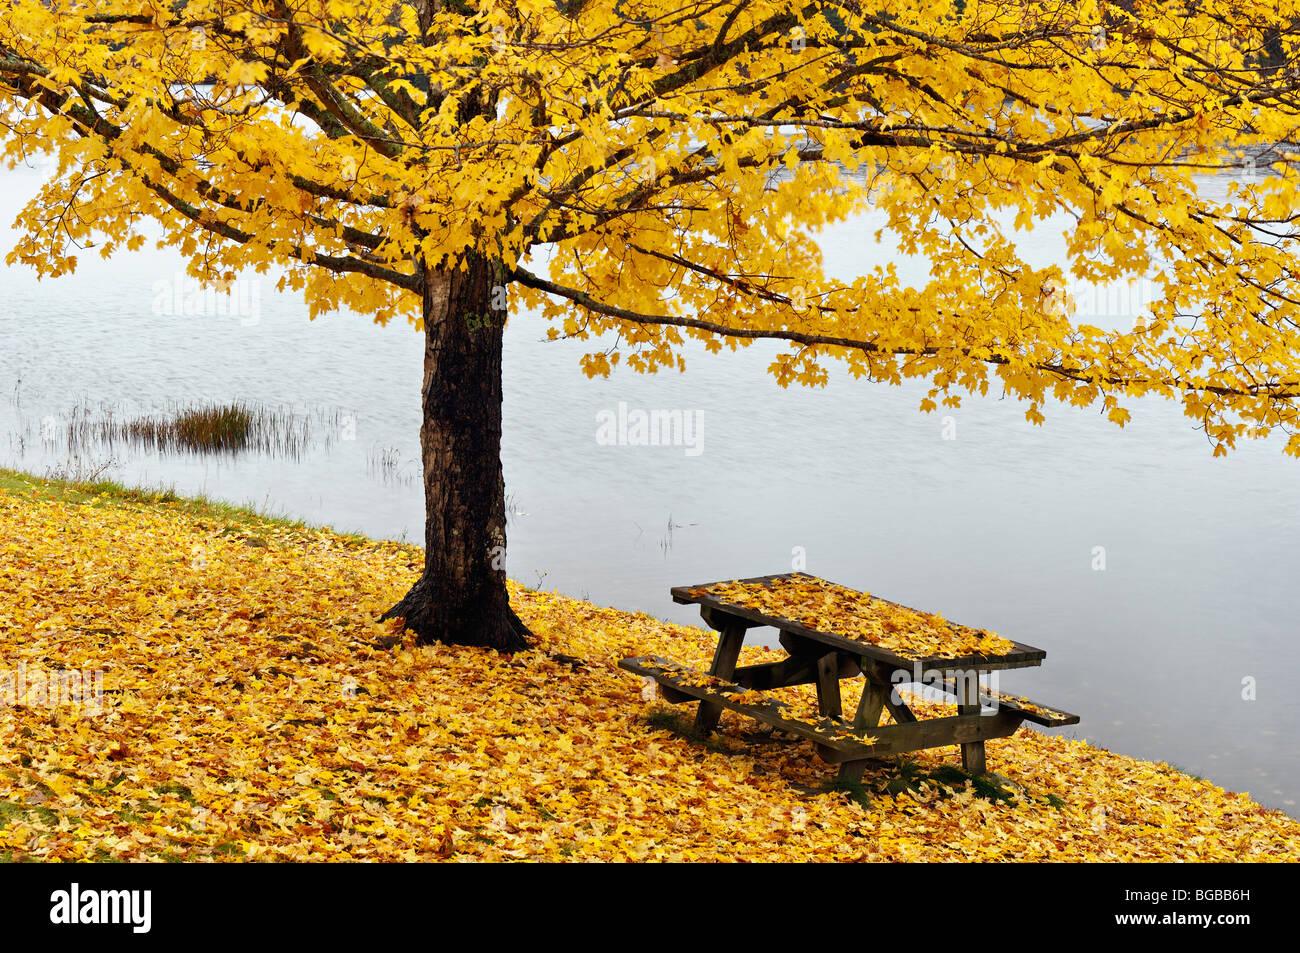 Ahornbaum und Picknick-Tisch, bedeckt mit Laub im Herbst am See im Herbst Creek Falls State Park in Tennessee Stockfoto